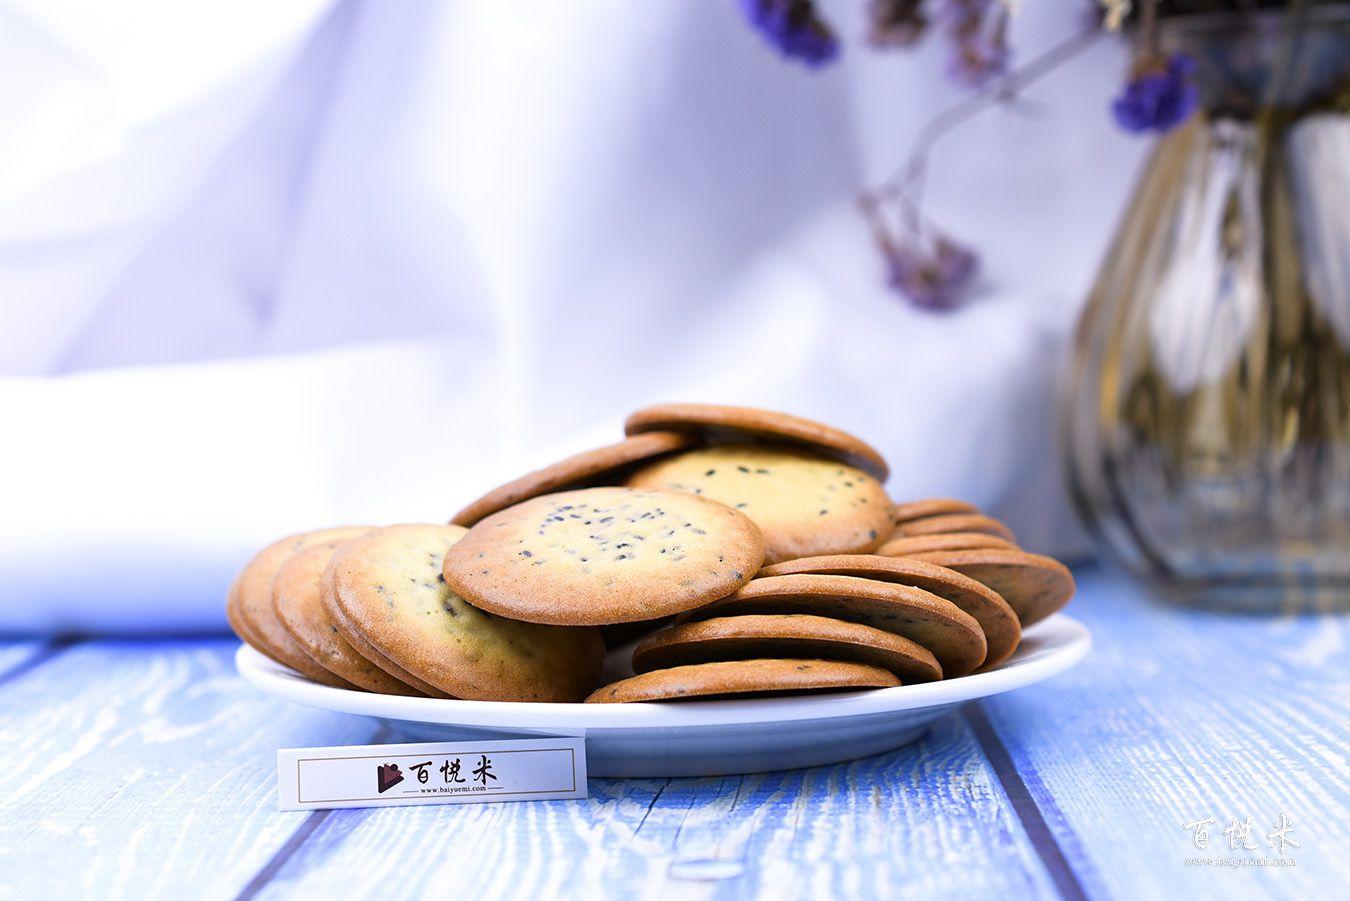 黑芝麻鸡蛋瓦片饼干高清图片大全【蛋糕图片】_997